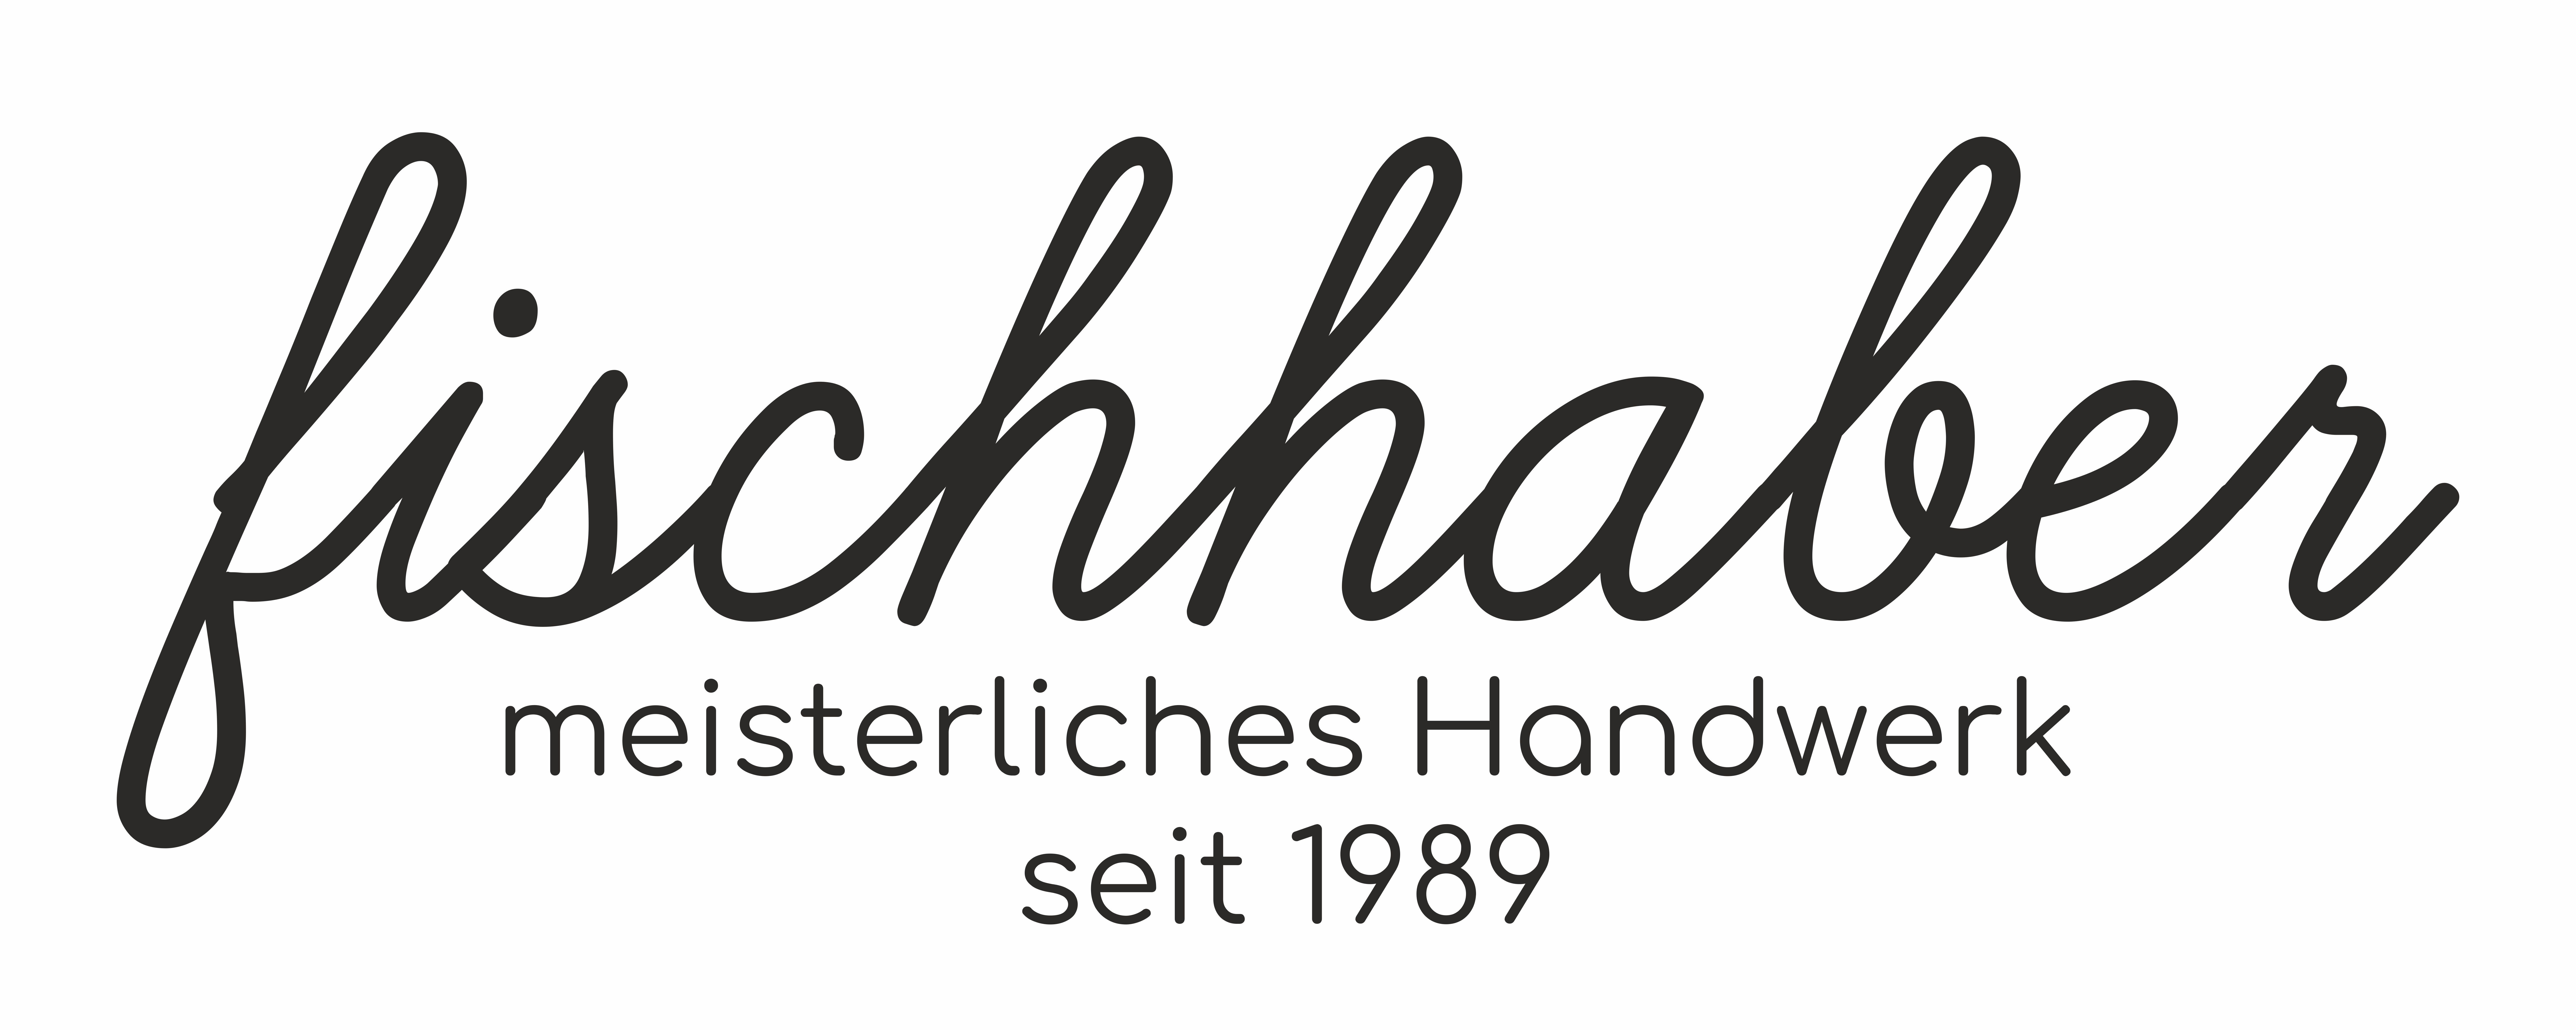 Fliesen Fischhaber GmbH